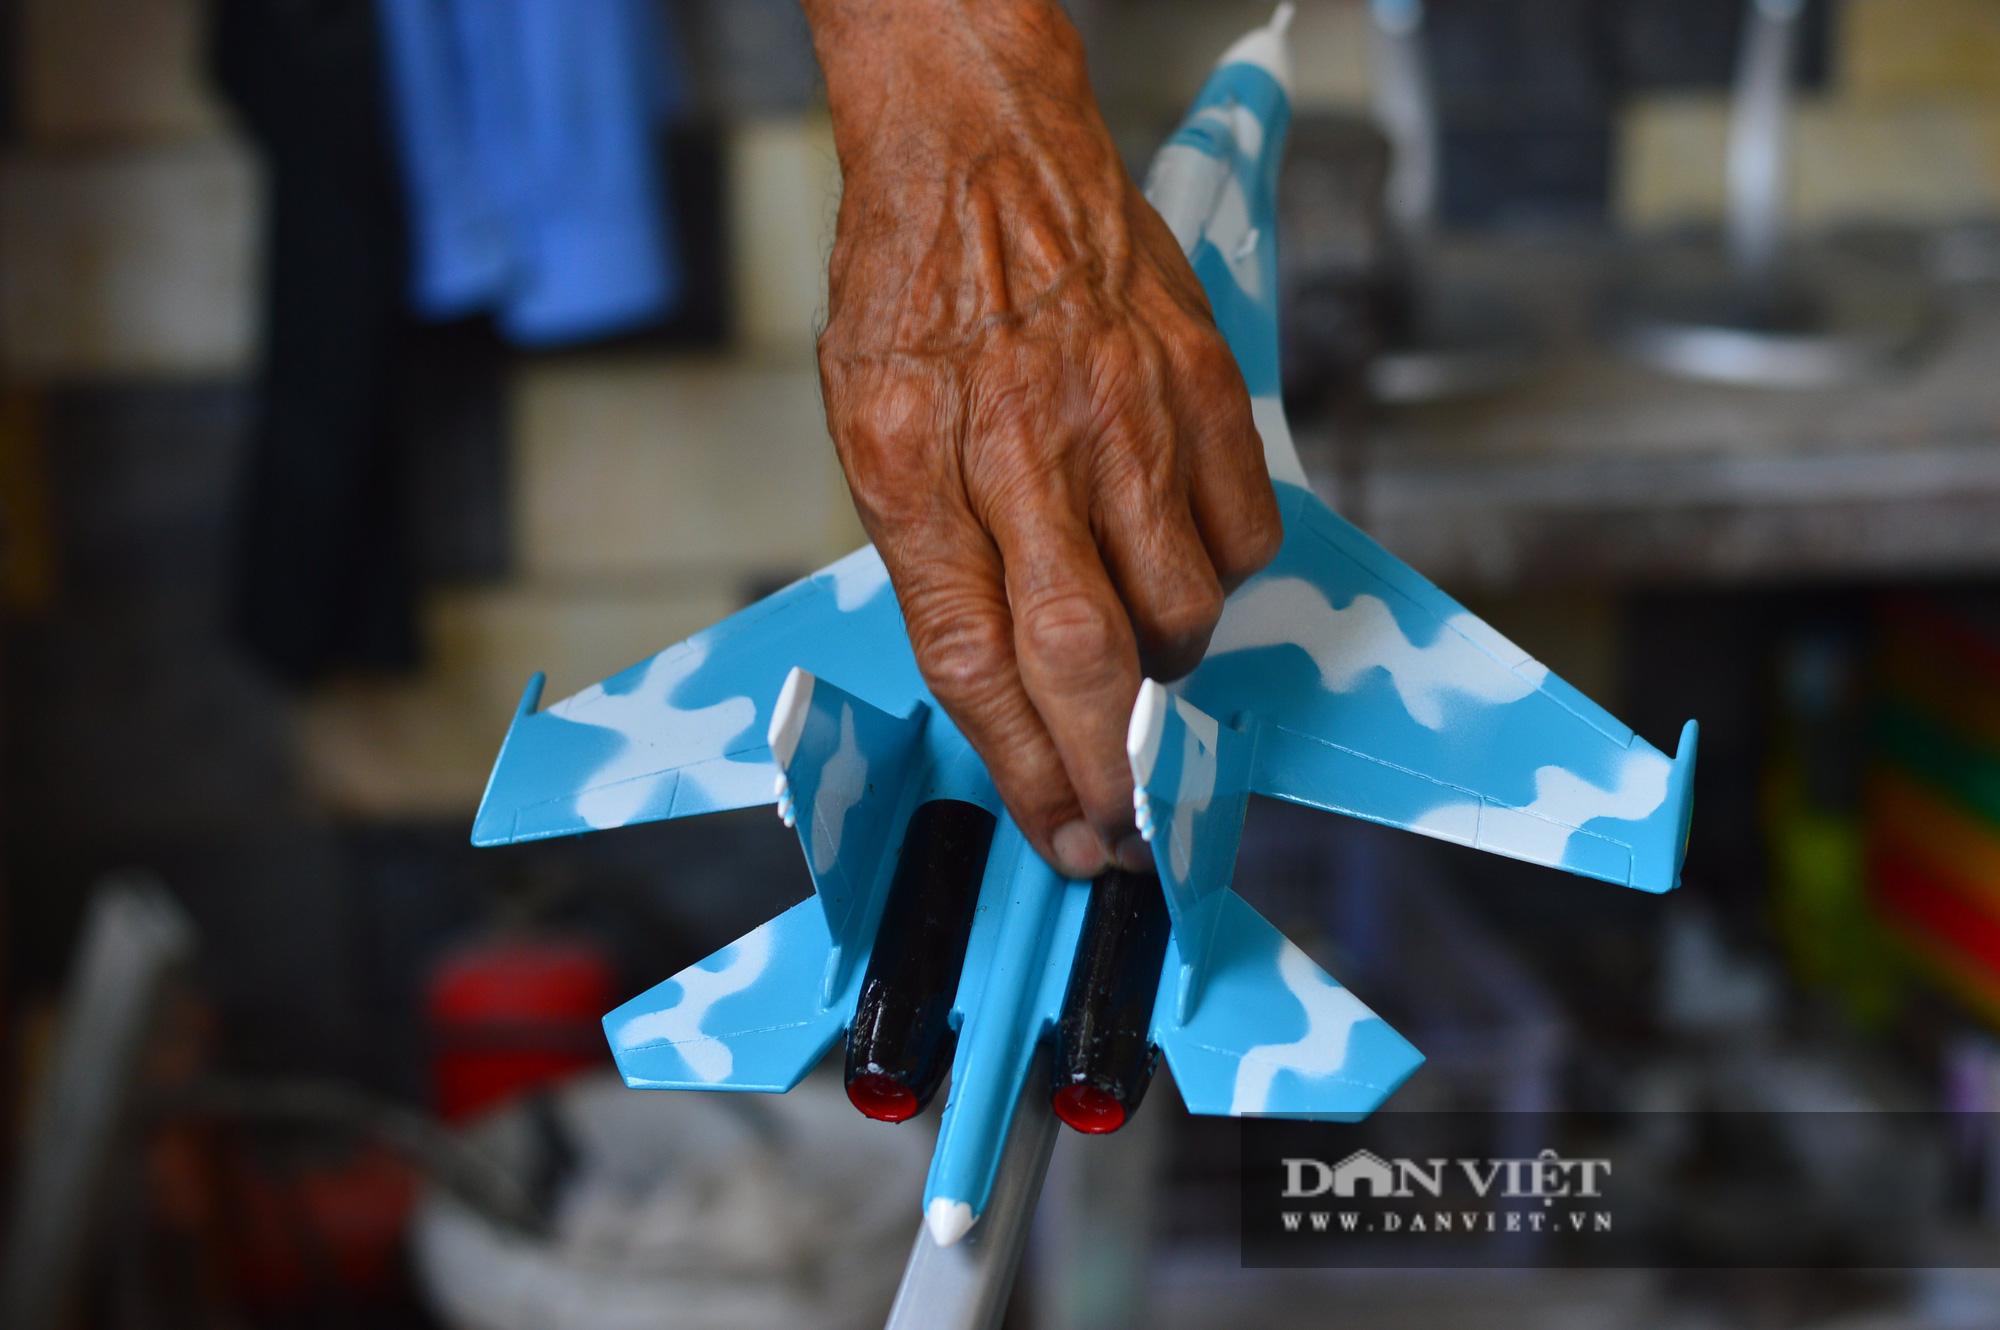 """Người lính Không quân hơn 40 năm """"thổi hồn"""" vào mô hình máy bay chiến đấu - Ảnh 6."""